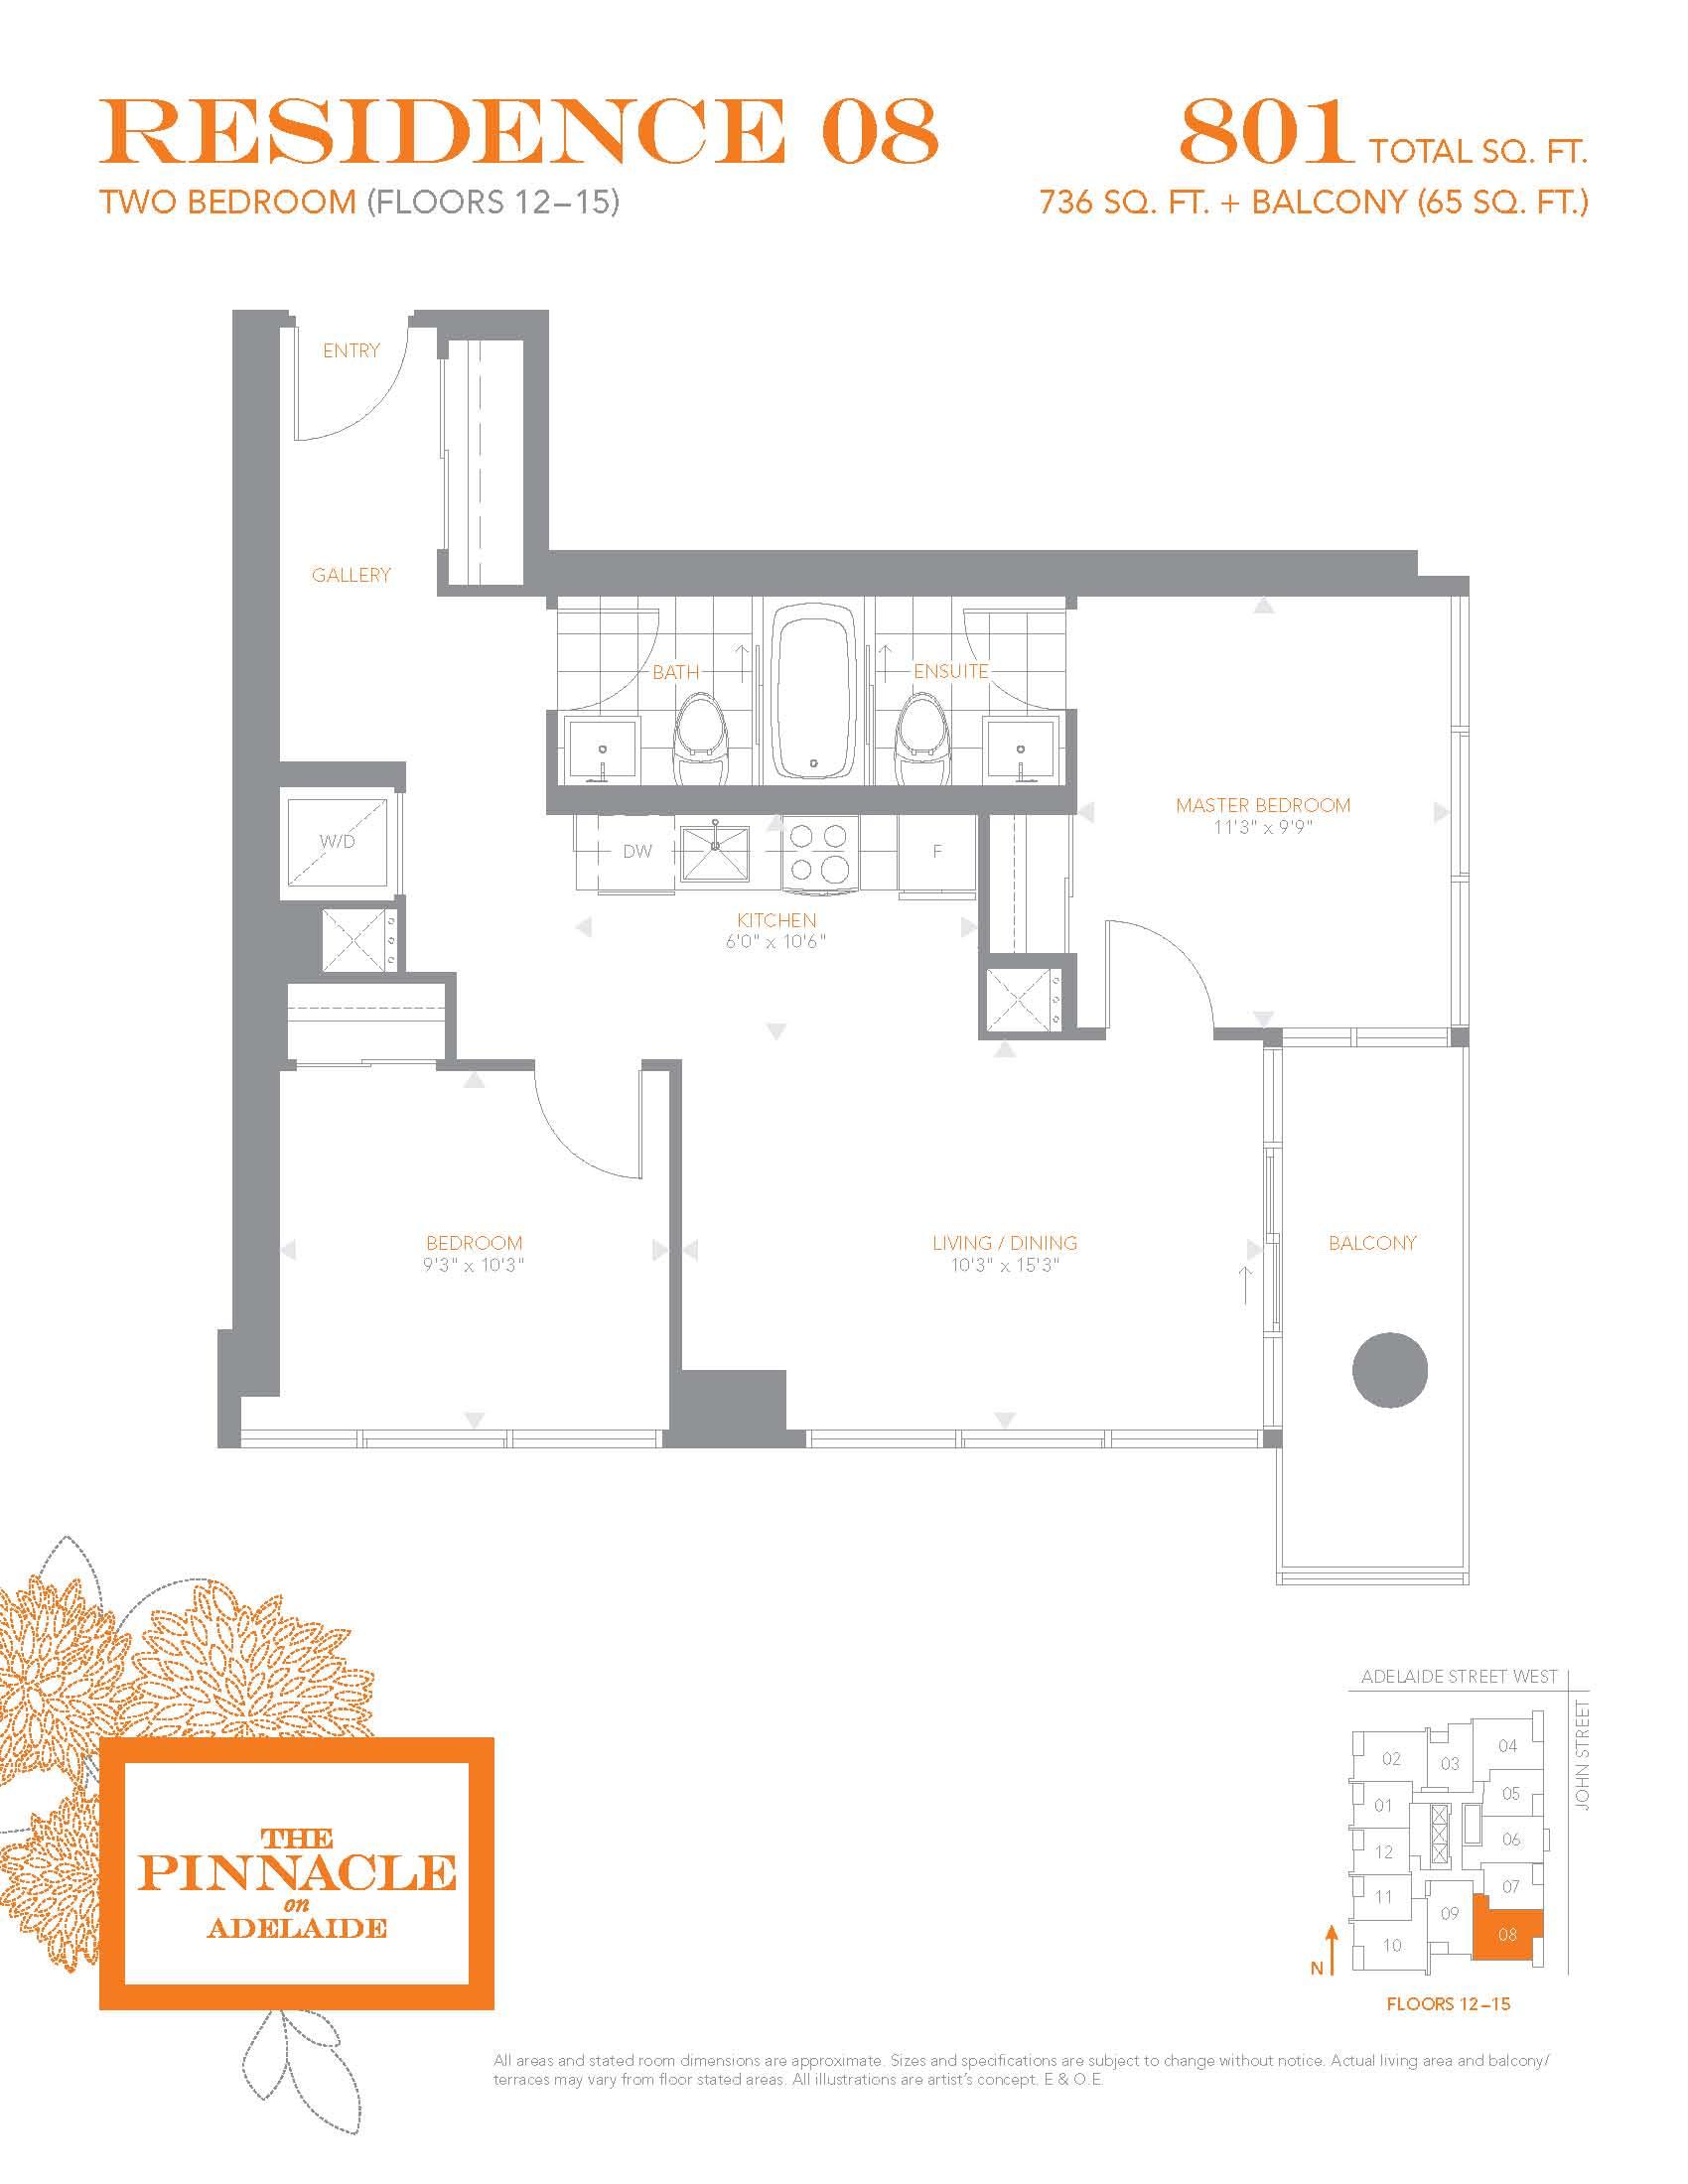 Pinnacle residence 08 floors 12 15 pinnacleadelaide for 12 yonge floor plans